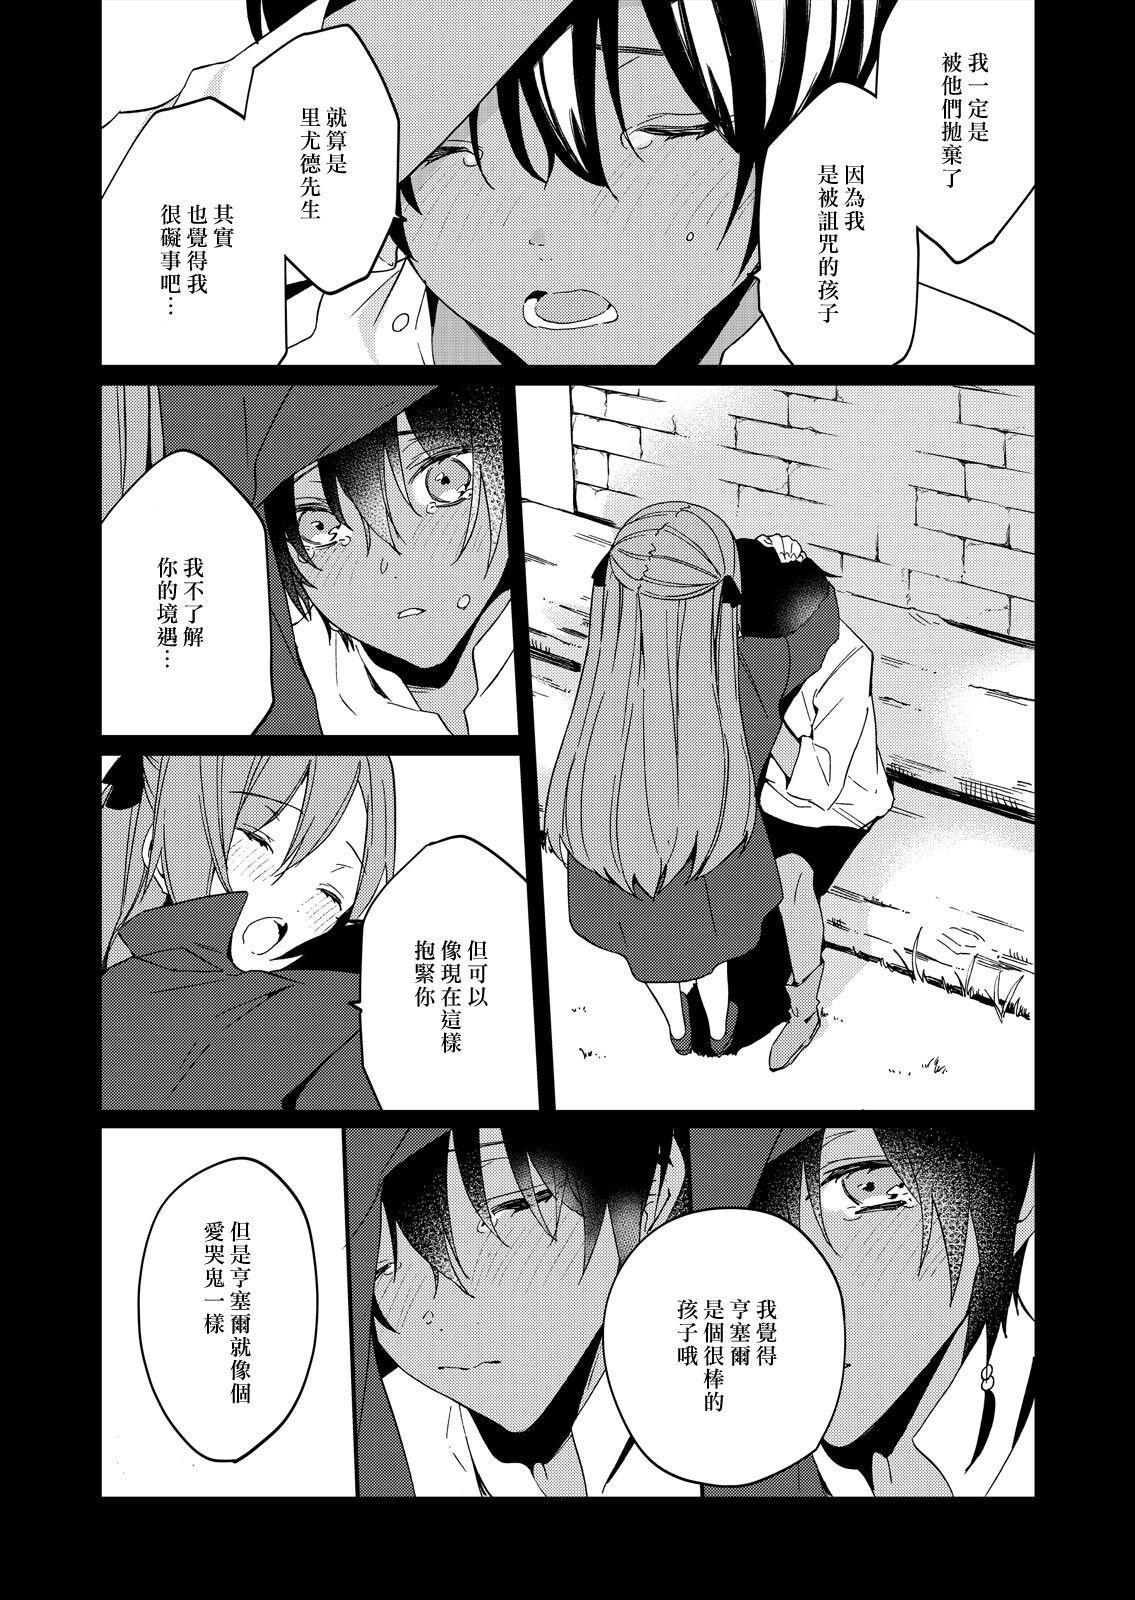 [Yuzushiwo] Akuyaku Reijou wa Ichizu ni Dekiai sarete ~Noumitsu Sex no Aite wa Juuboku~ | 被疯狂溺爱的反派大小姐~浓密性爱对象是仆从~ 1-5 [Chinese] [莉赛特汉化组] 115